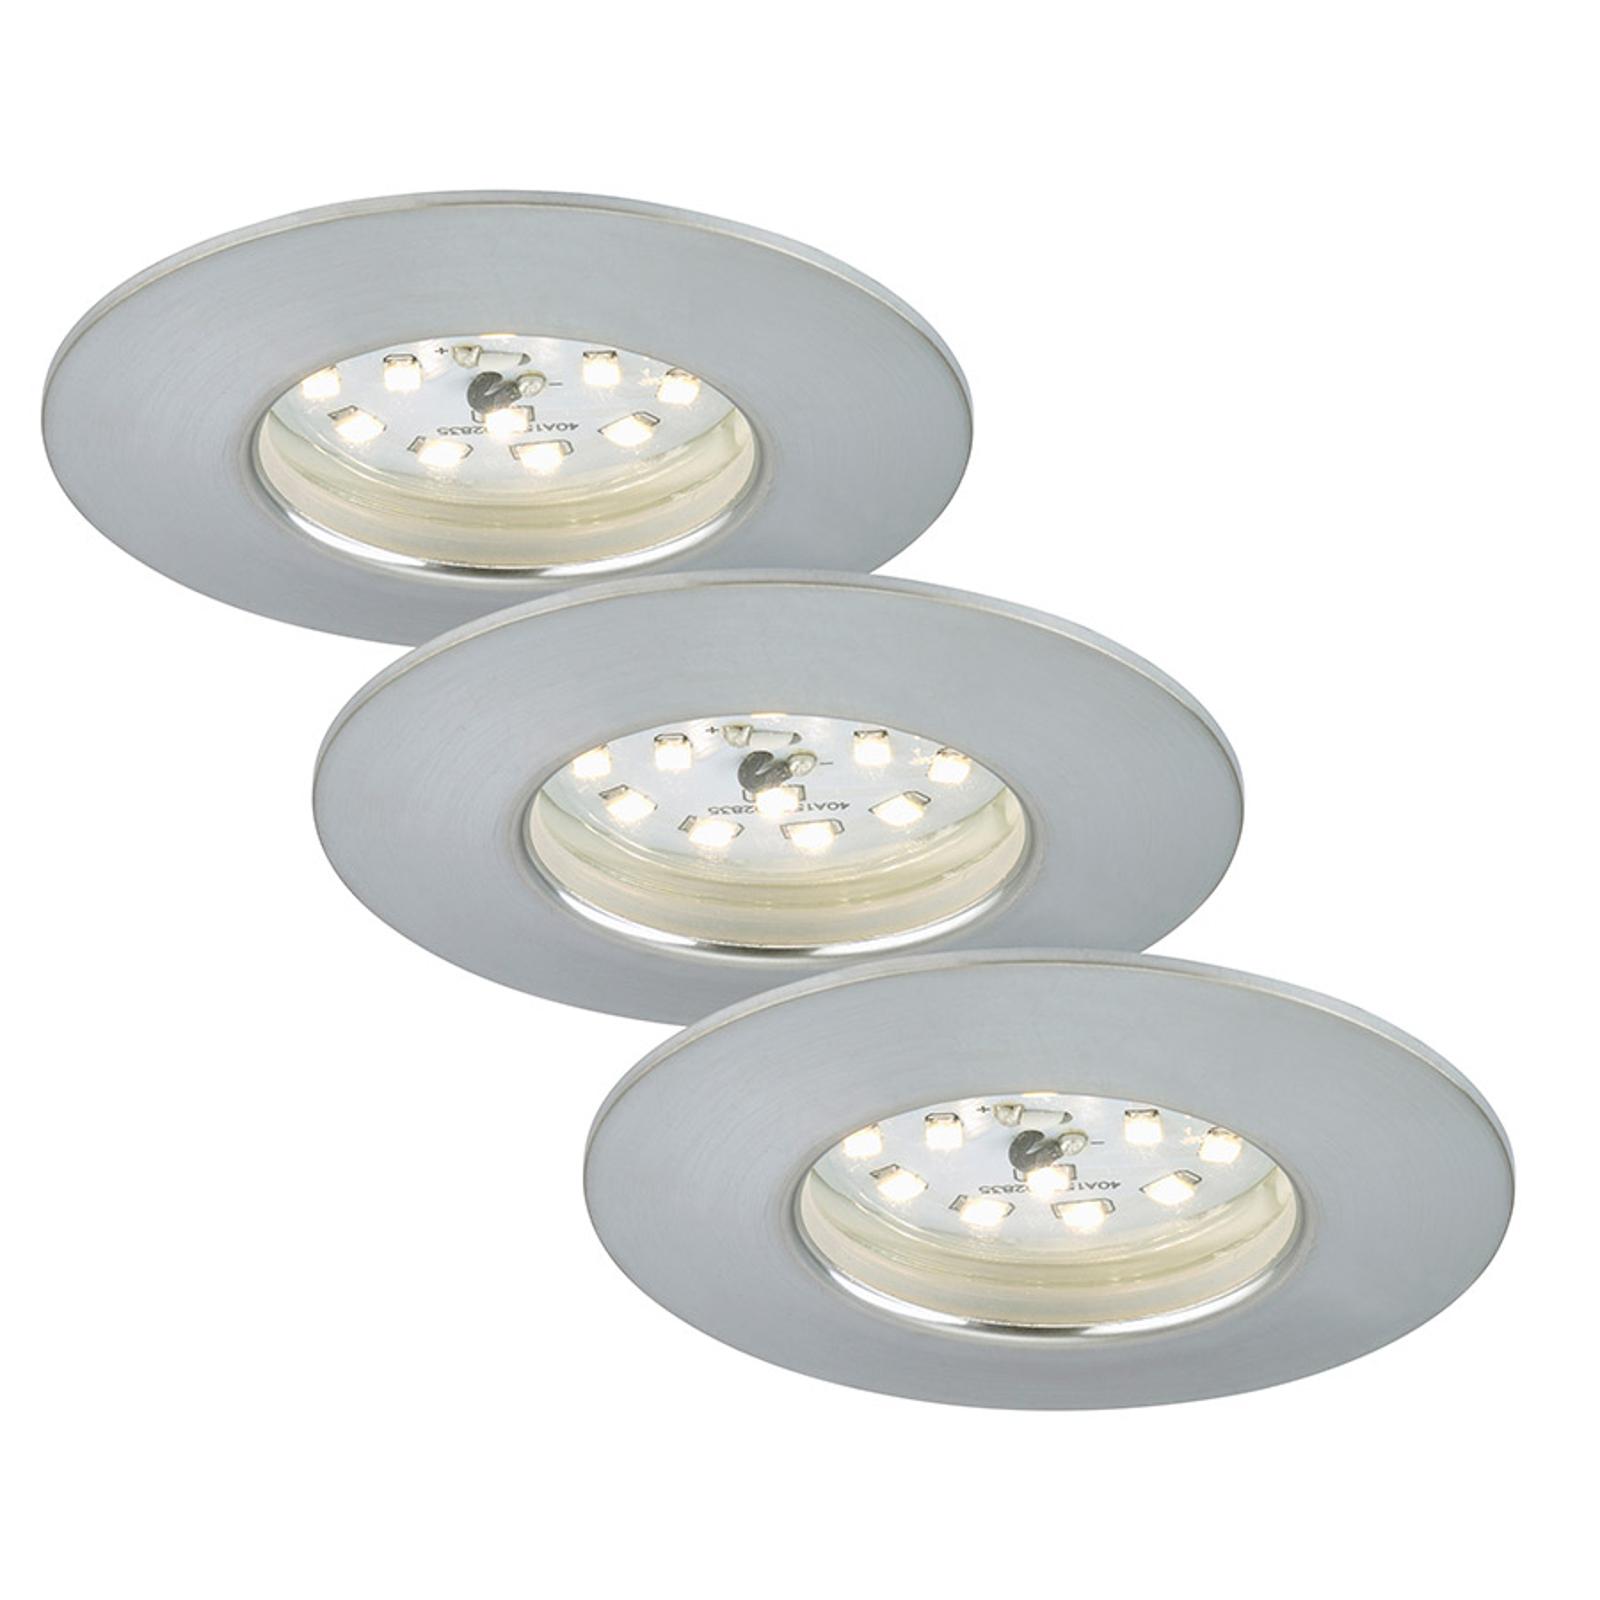 Felia-LED-uppovalaisin IP44, alumiini, 3 kpl